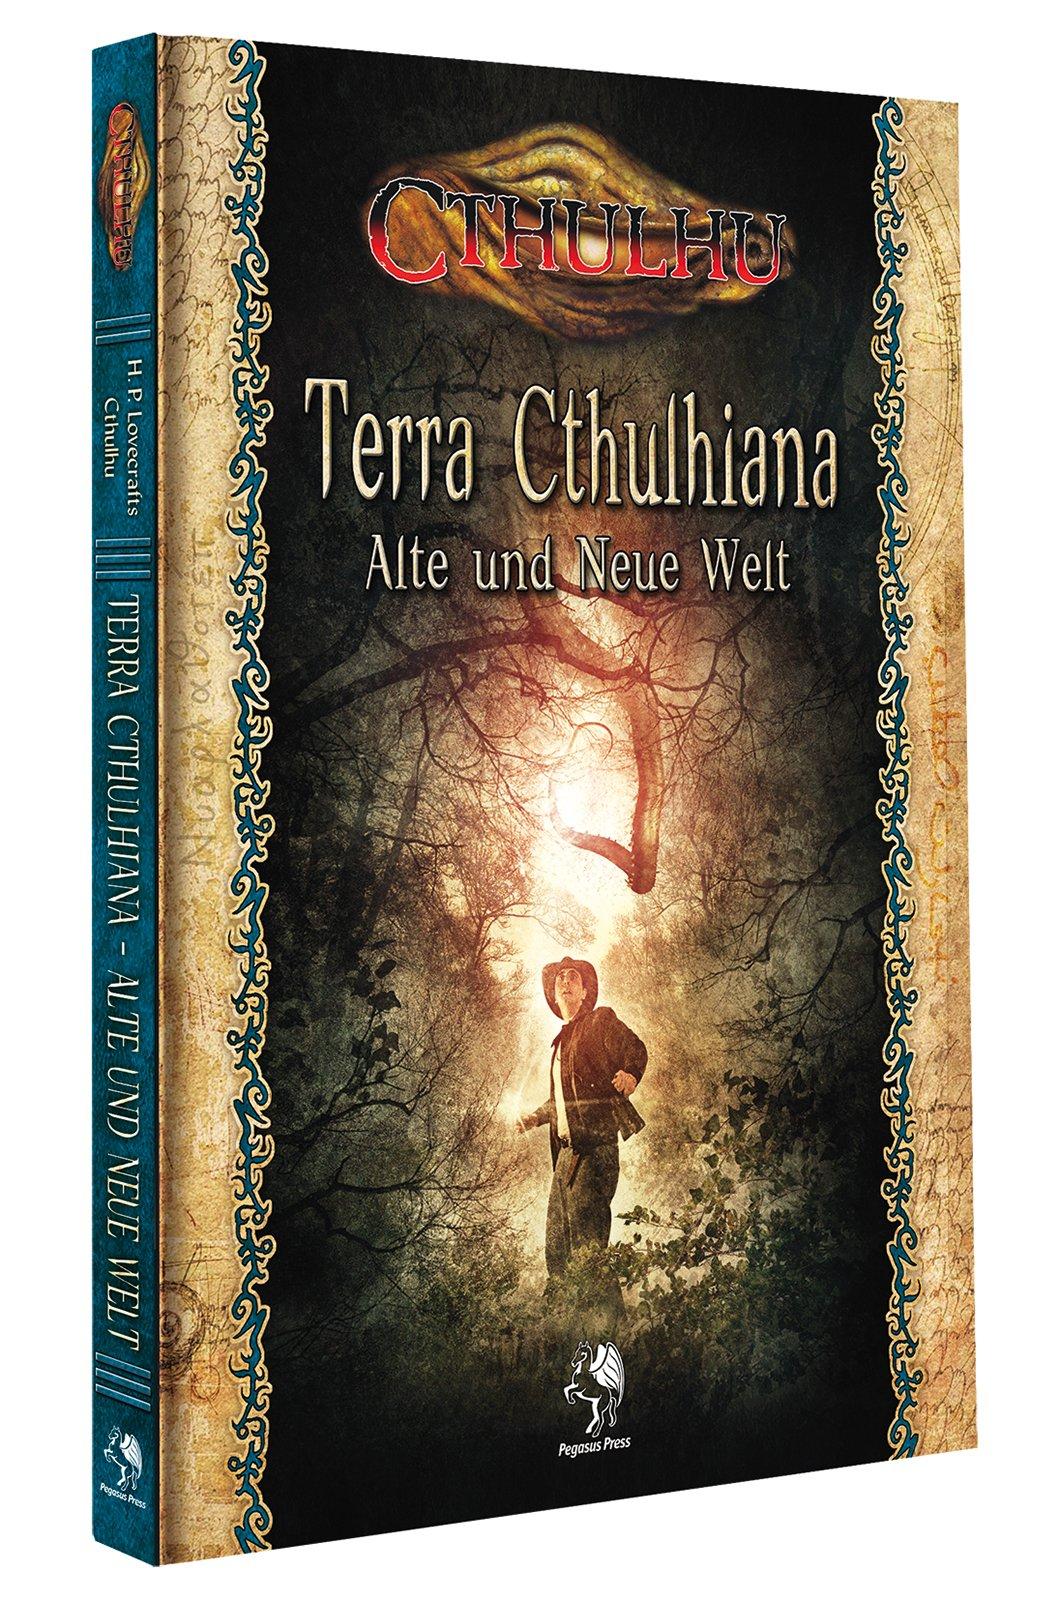 Cthulhu: Terra Cthulhiana - Alte und Neue Welt (Hardcover) Gebundenes Buch – 5. Januar 2017 Unbekannt Pegasus Spiele GmbH 3957890977 Spielen / Raten